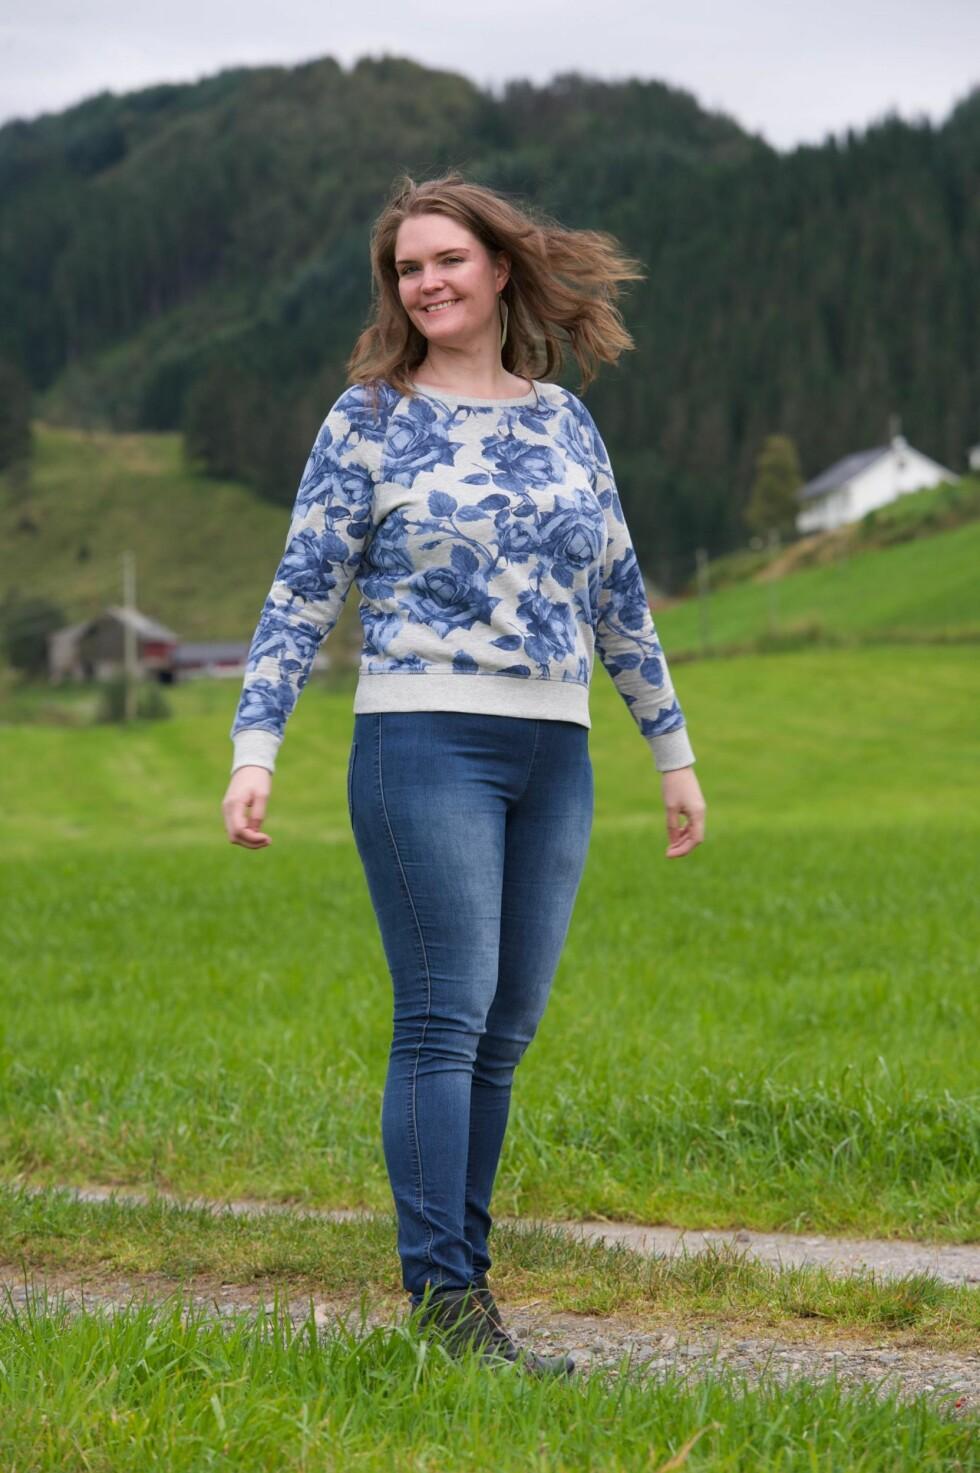 FRI OG FORNØYD: I dag veier Ingrid rundt 80 kilo. Nå hjelper hun andre gjennom bloggen sin – lavkarbotips.net – og hun utdanner seg innen kosthold.